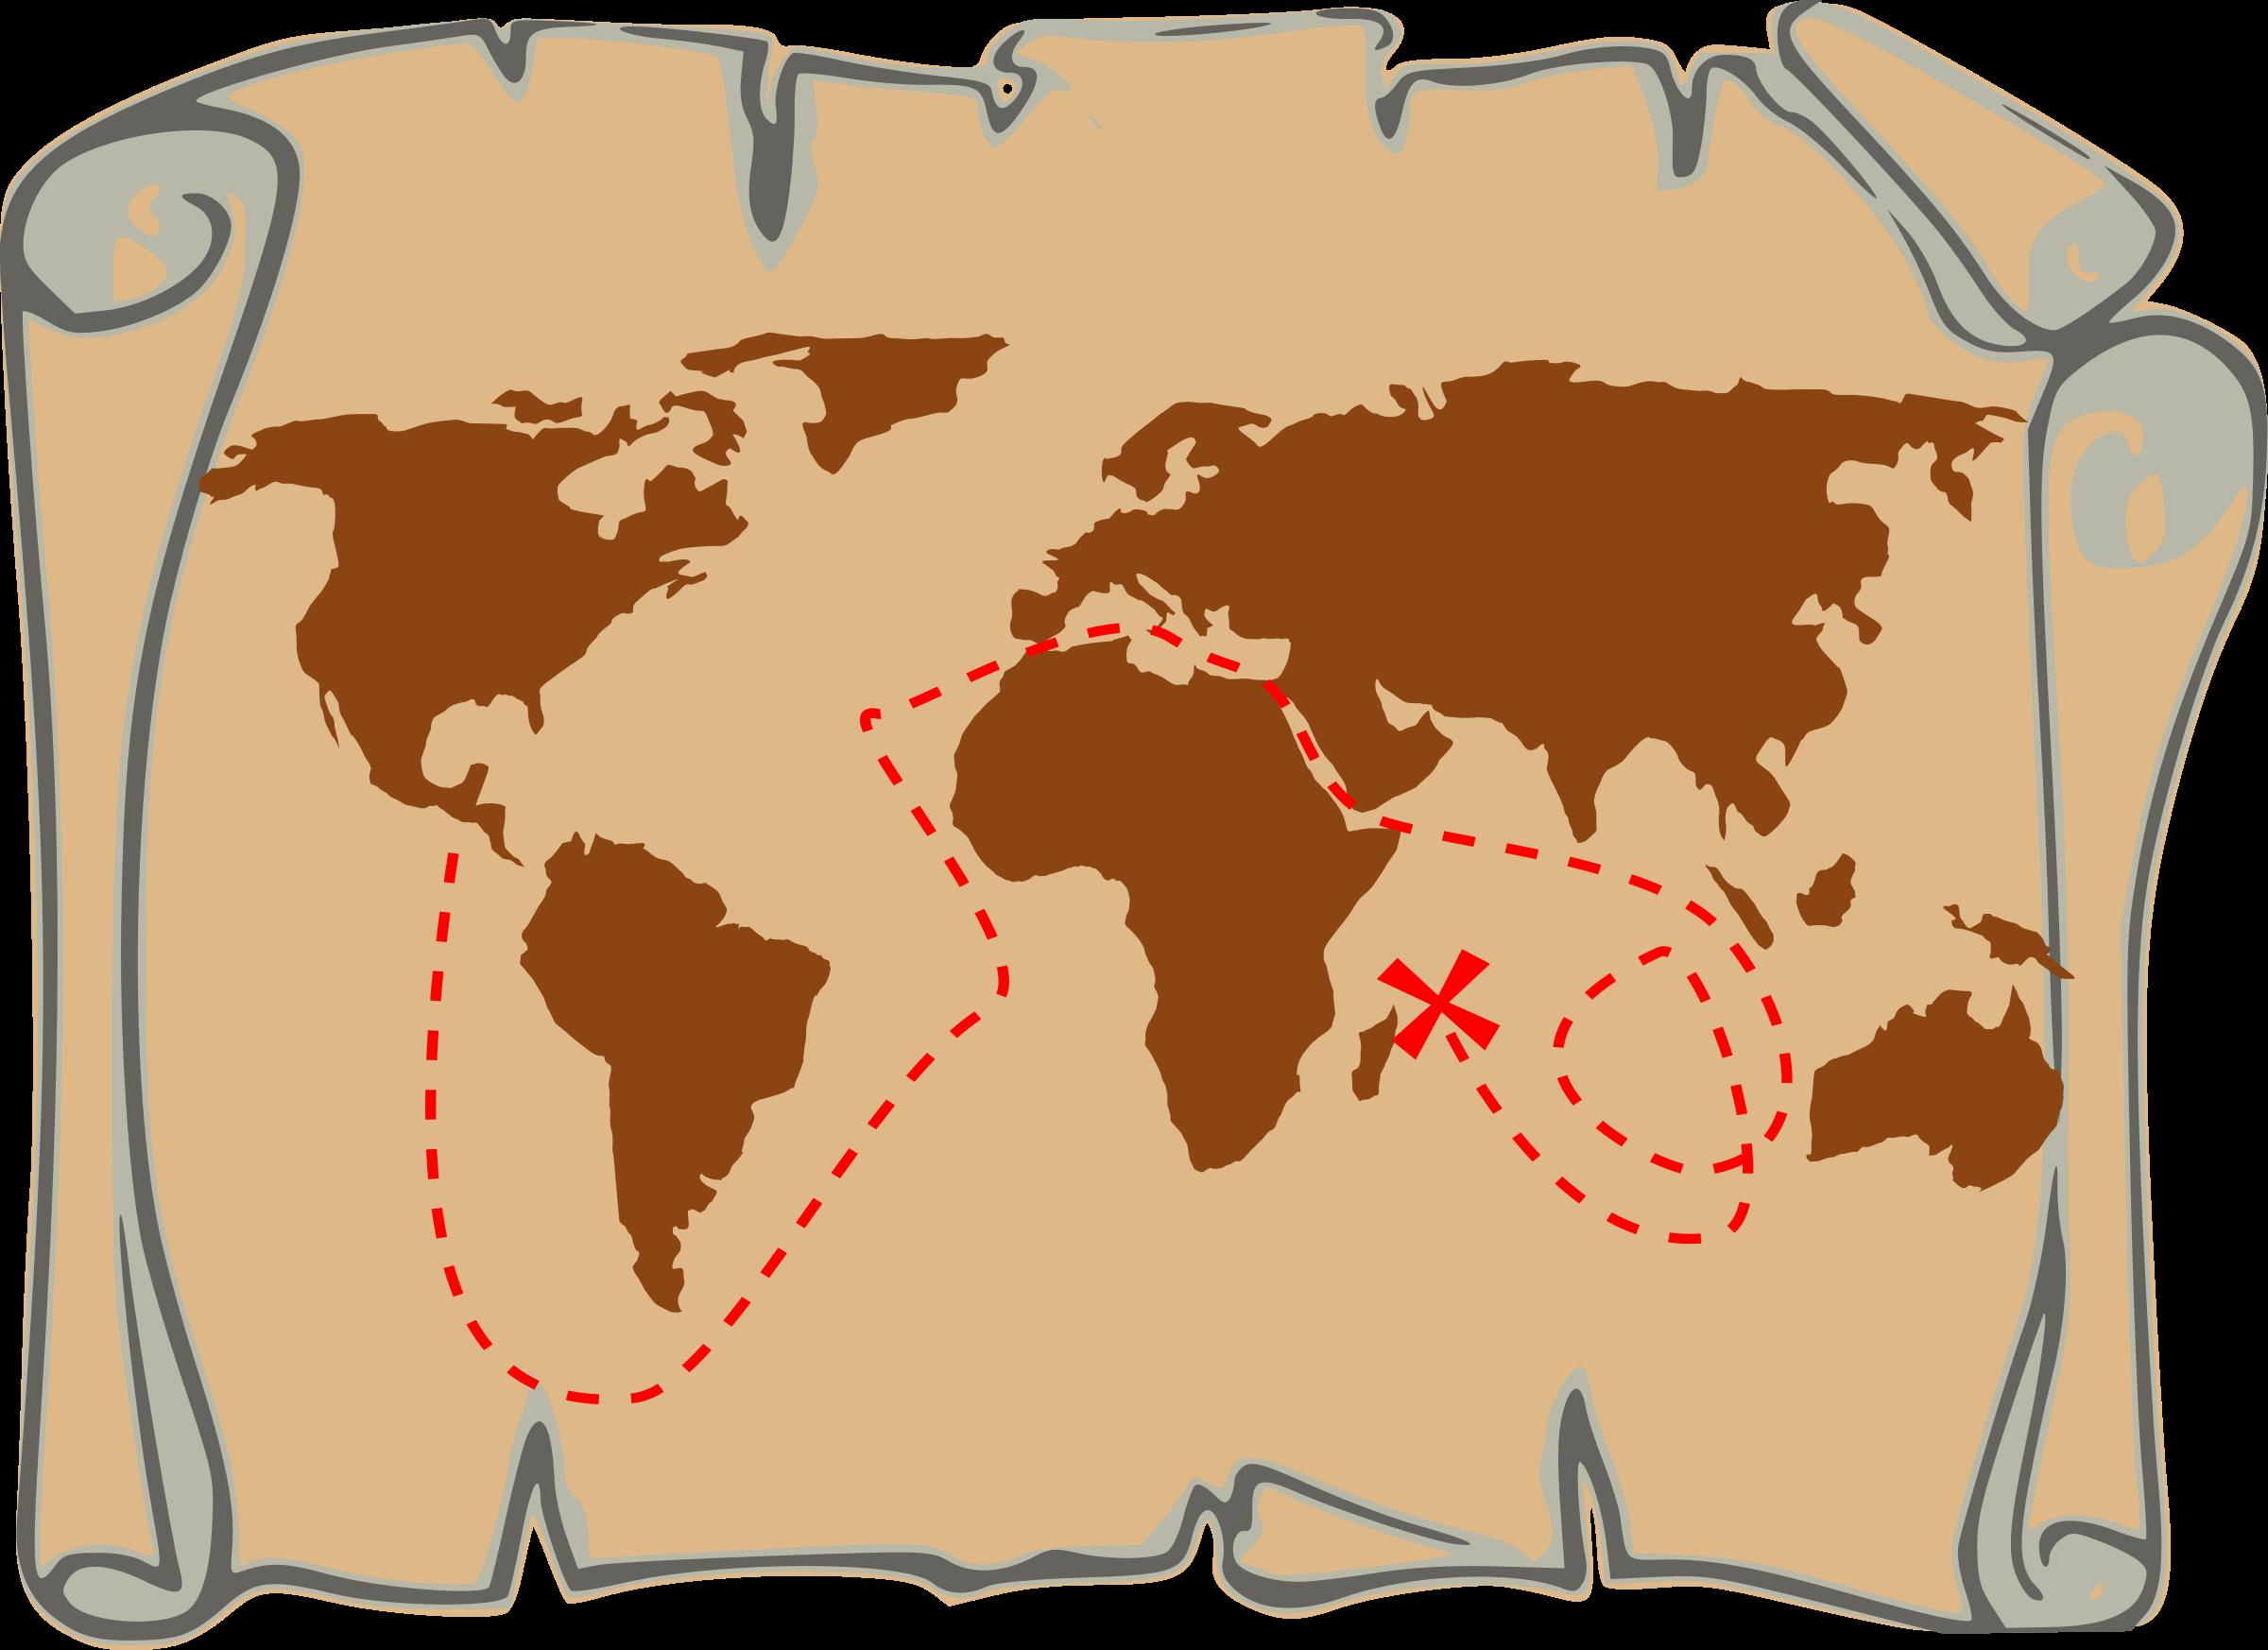 Pirate clipart pirate map #12